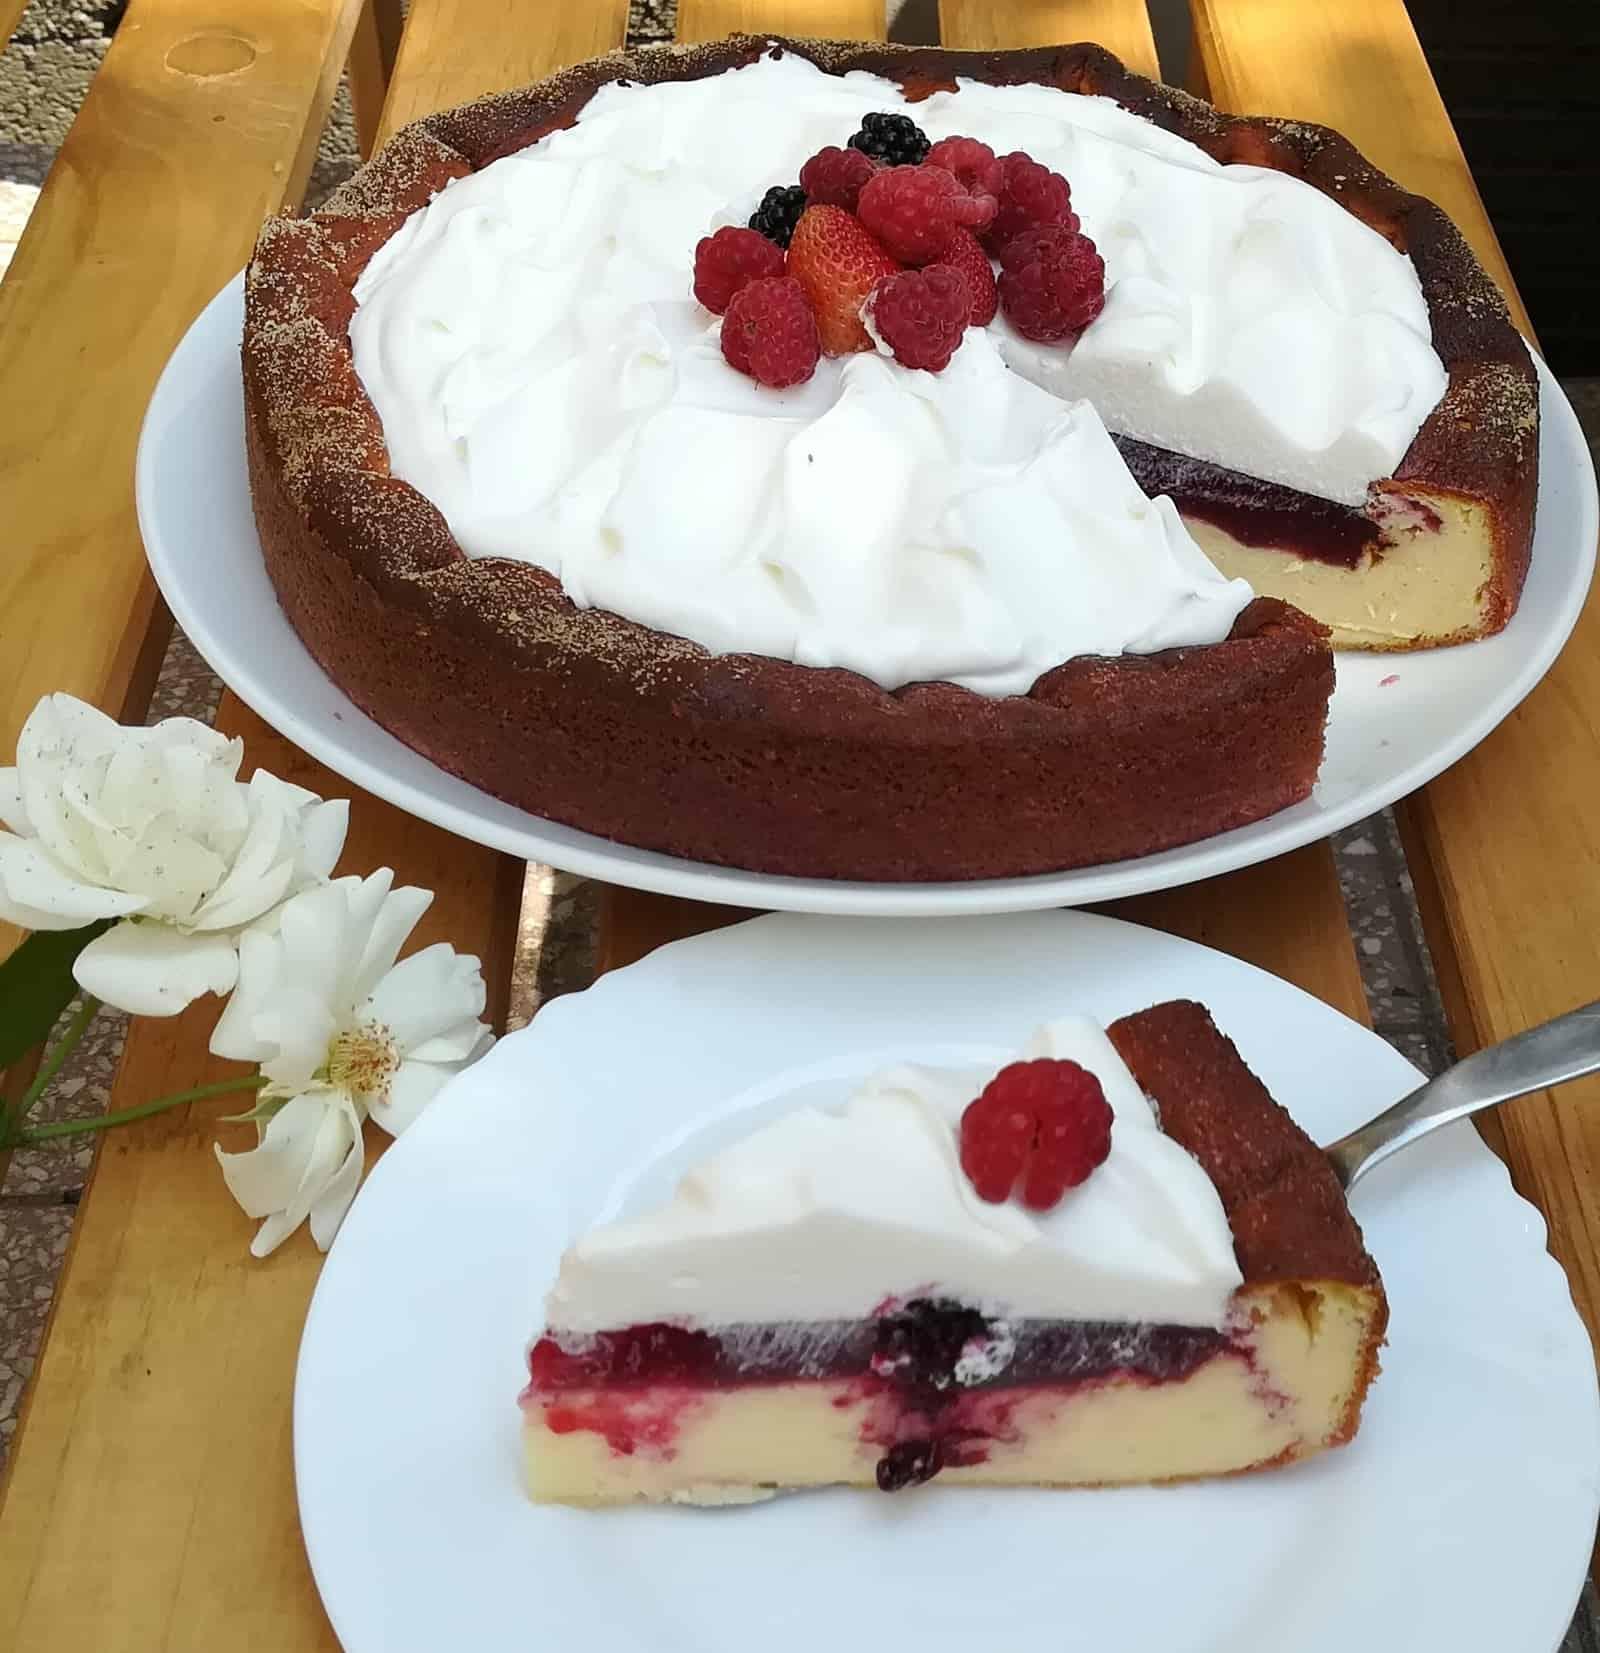 Tvarohový bezlepkový cheesecake s malinovou vrstvou a šlahačkou